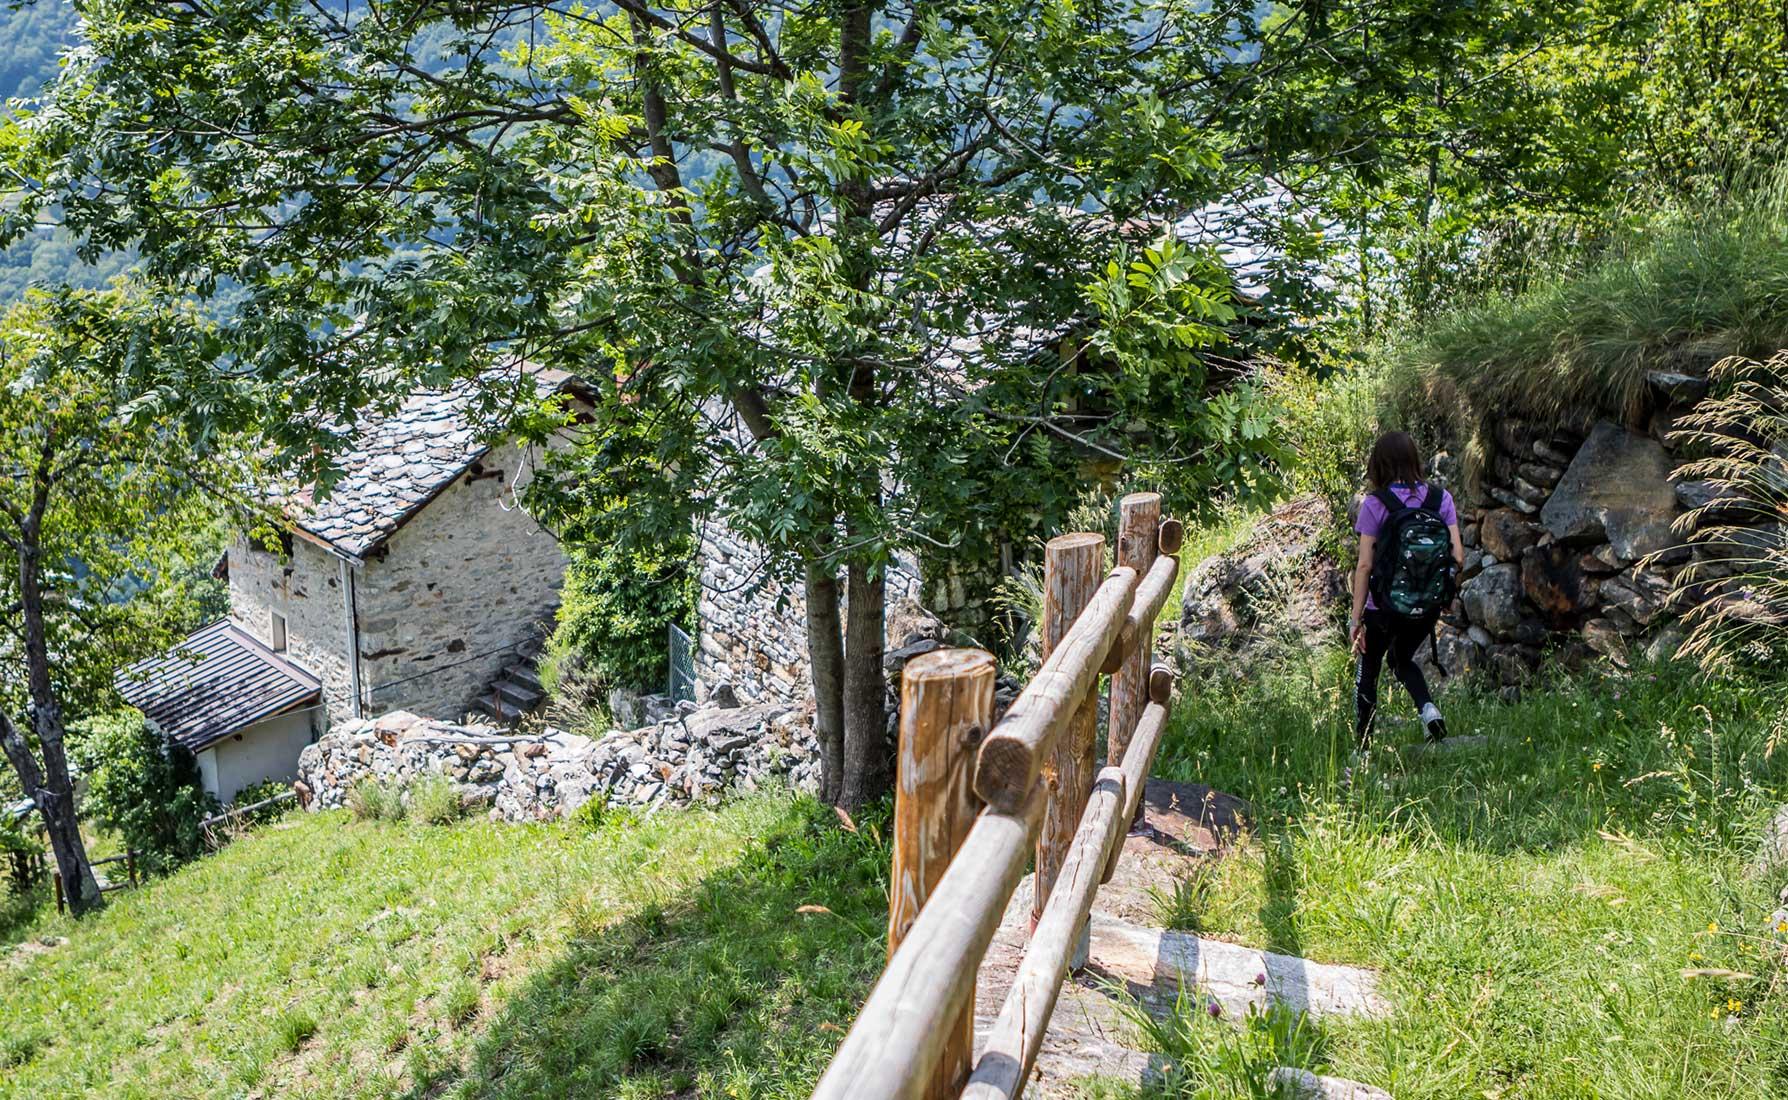 La discesa lungo la mulattiera che porta all'antico forno nel villaggio di Farettaz